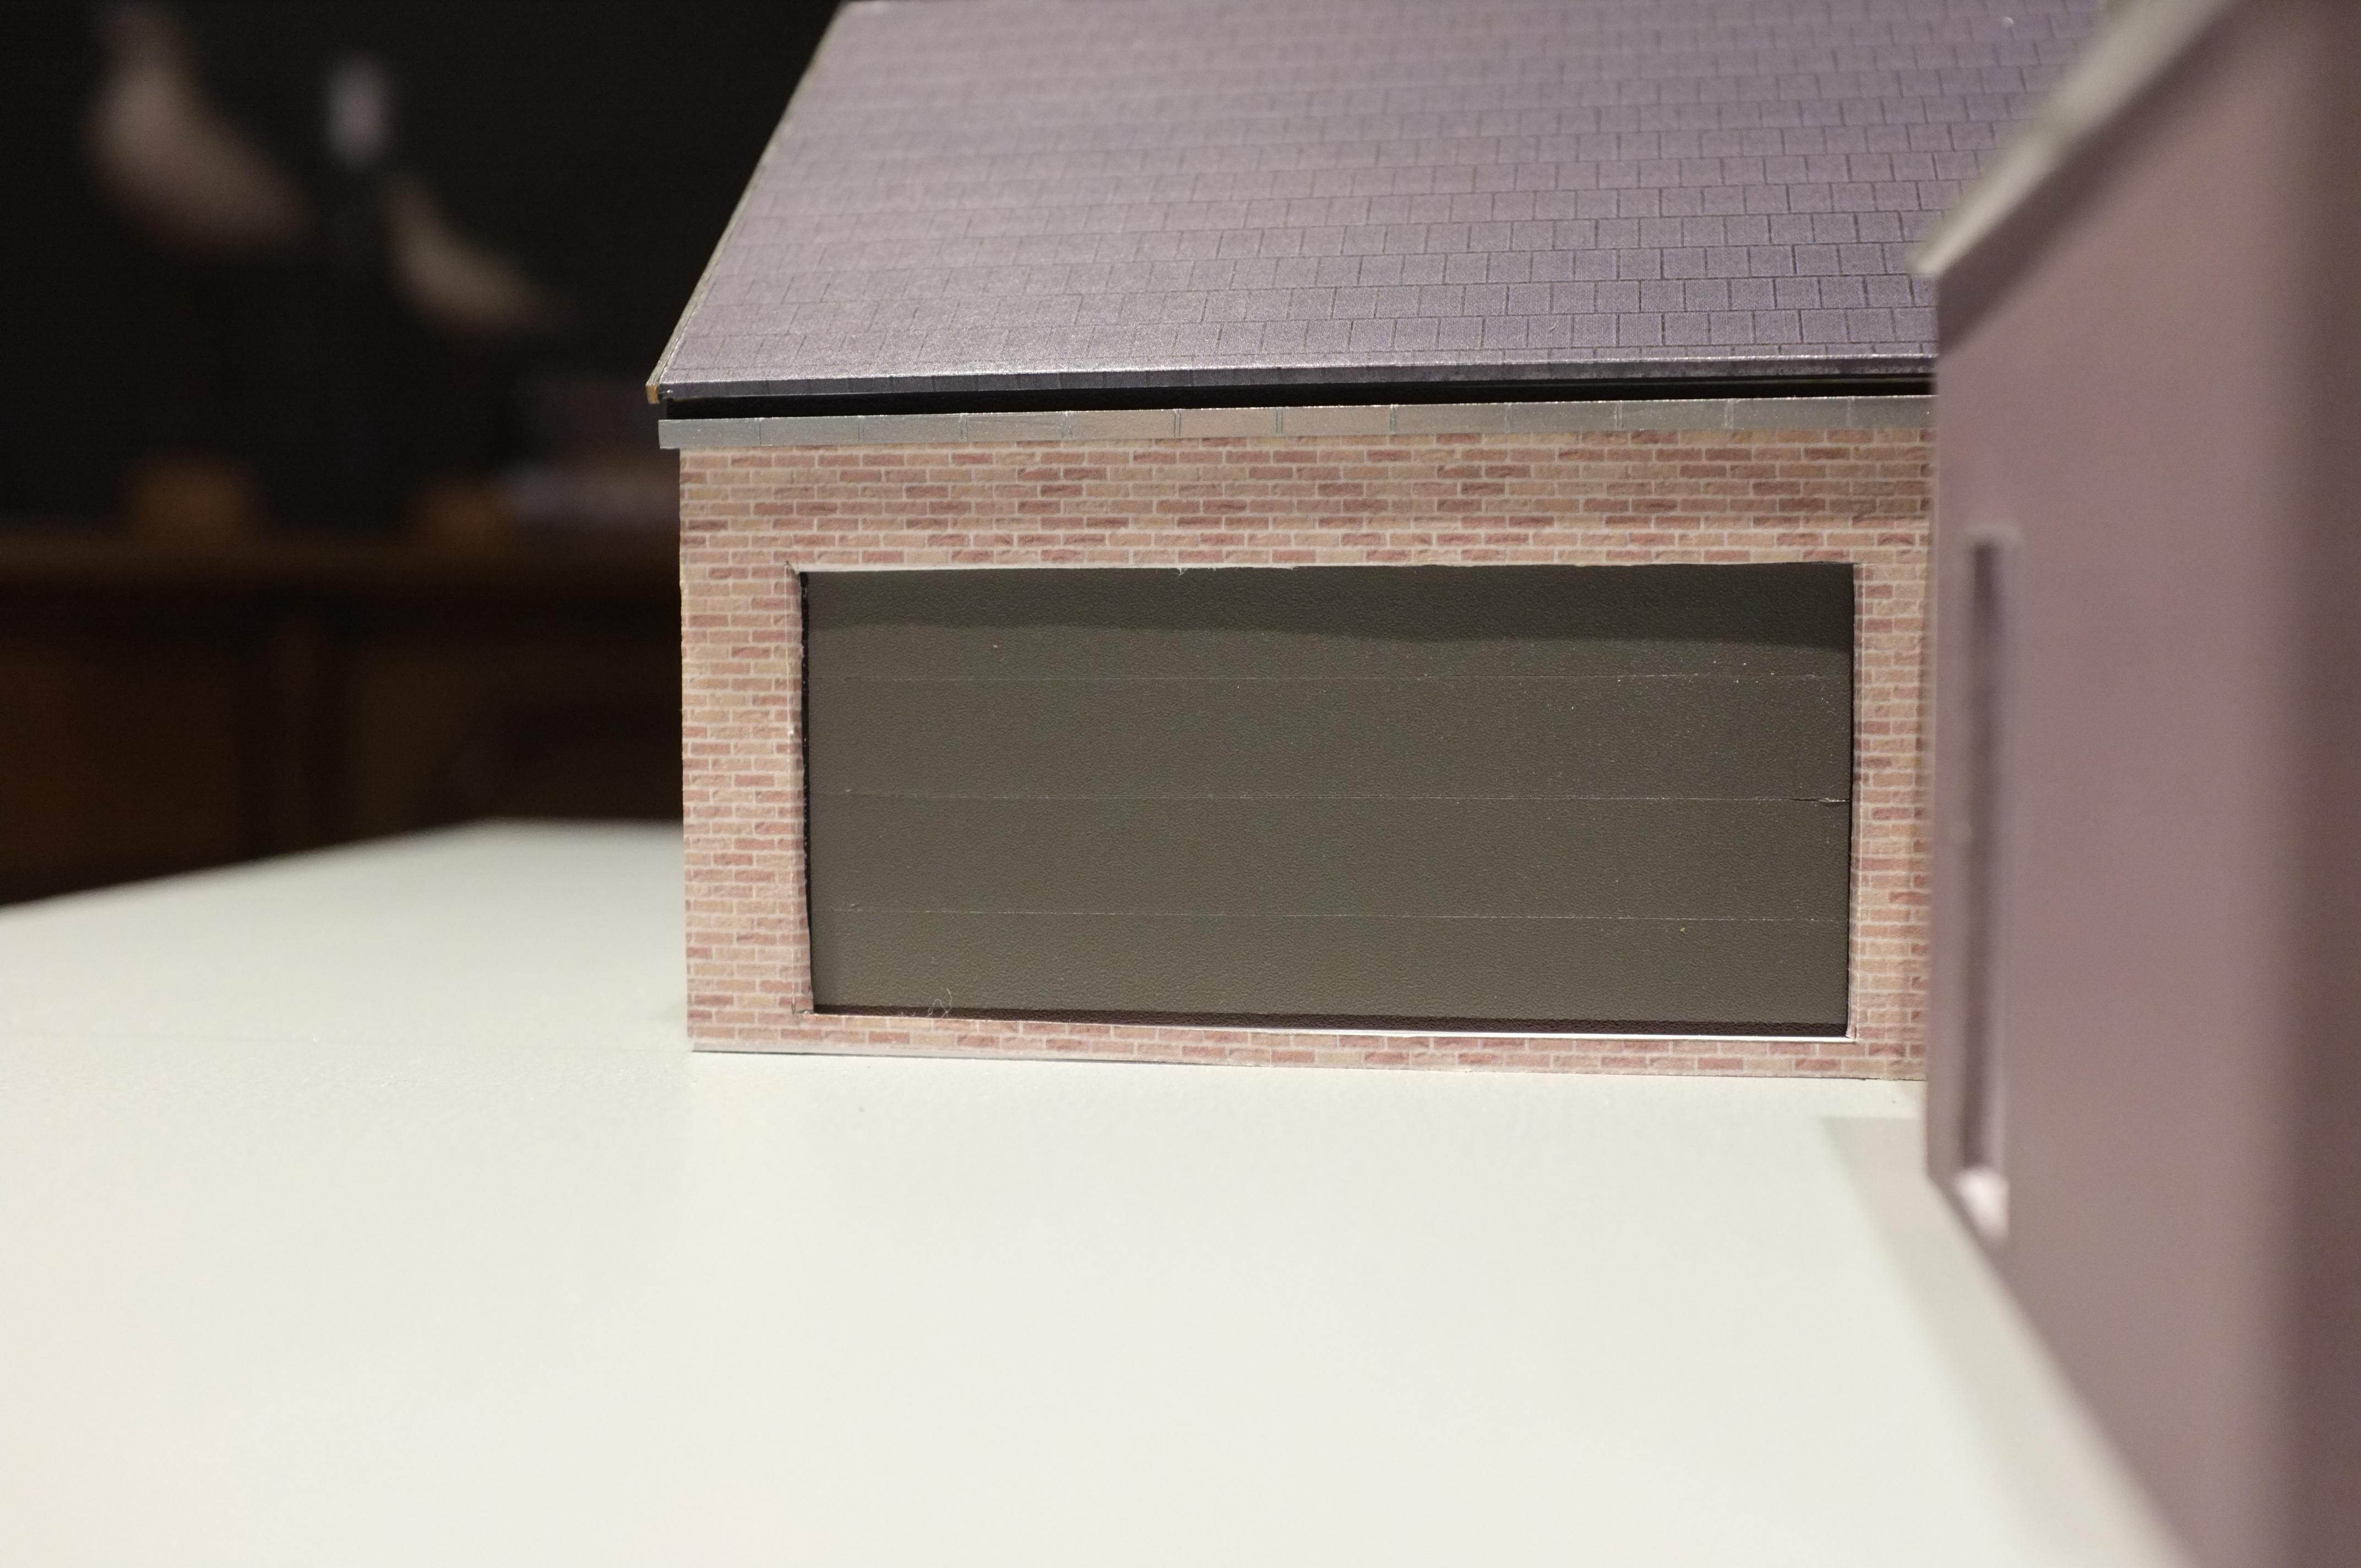 Bekannt Maquette 1/50 de la maison - Construction d'une Maison Thomas et Piron WE77